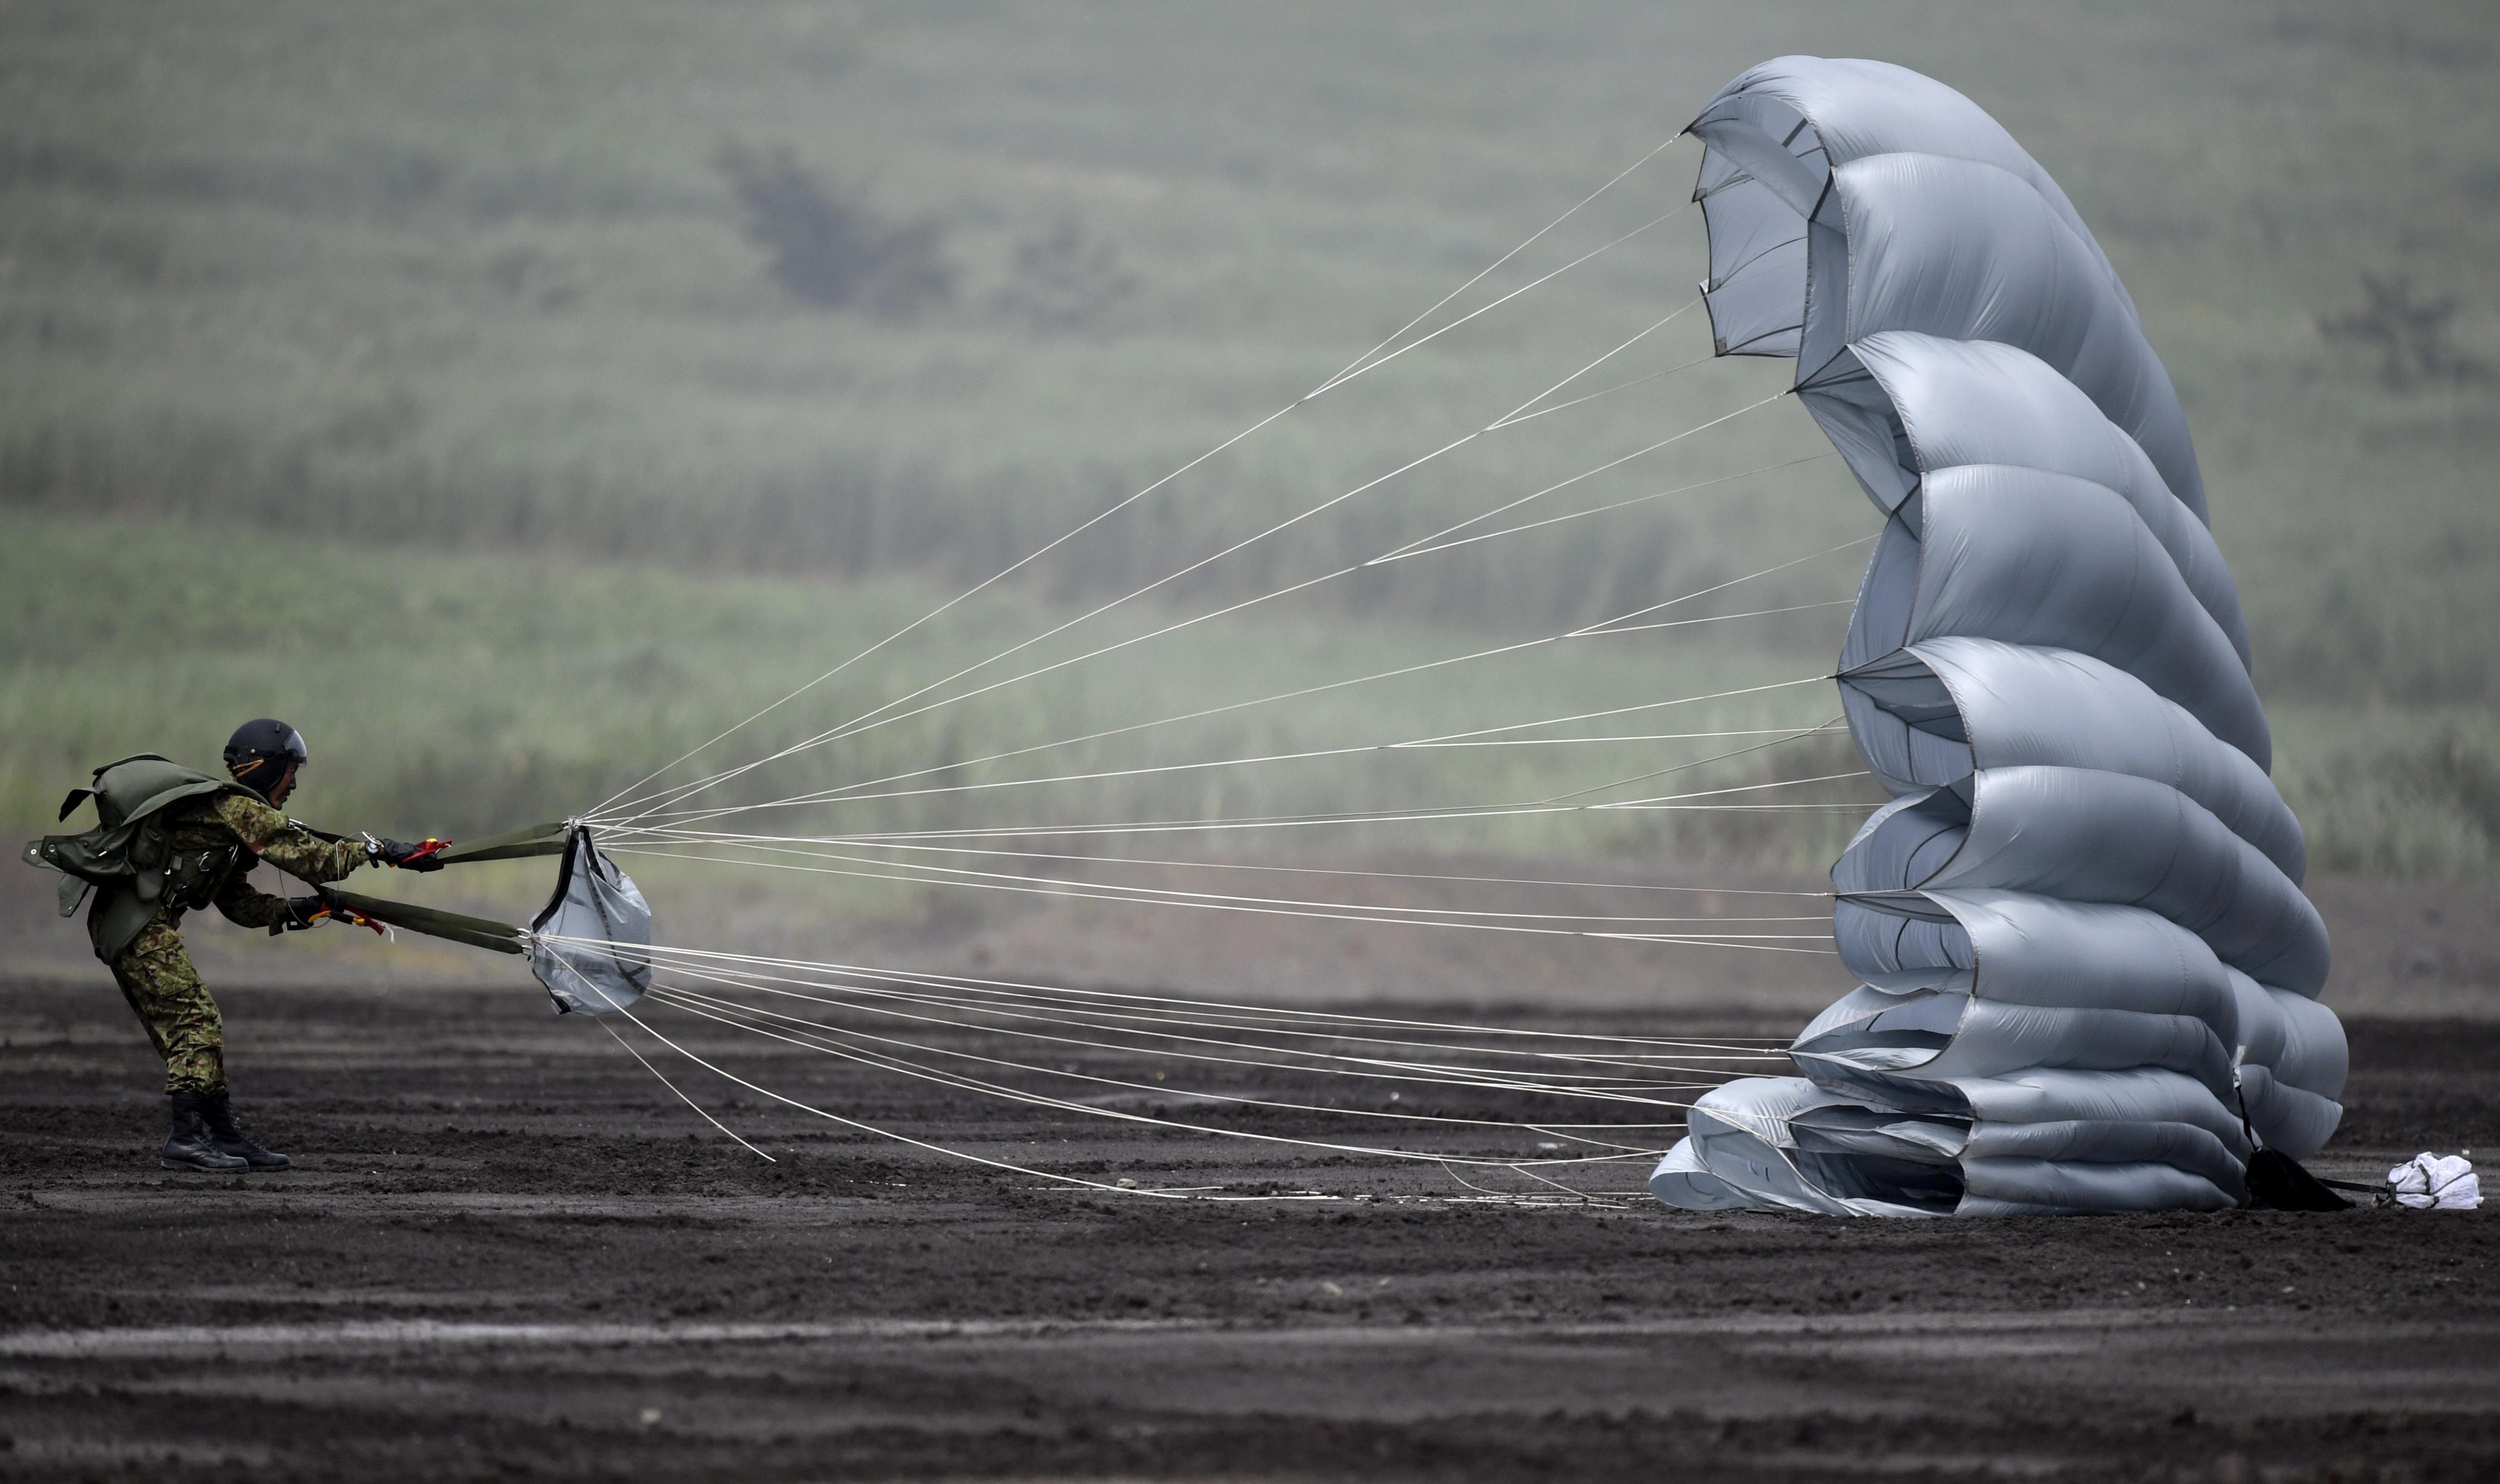 Un paracaigudista de les Forces de Terra japoneses recull el seu paracaigudes després de prendre terra durant unes maniobres amb foc real en el camp d'entrenament d'Higashi Fuji, al Japó. /FRANCK ROBICHON